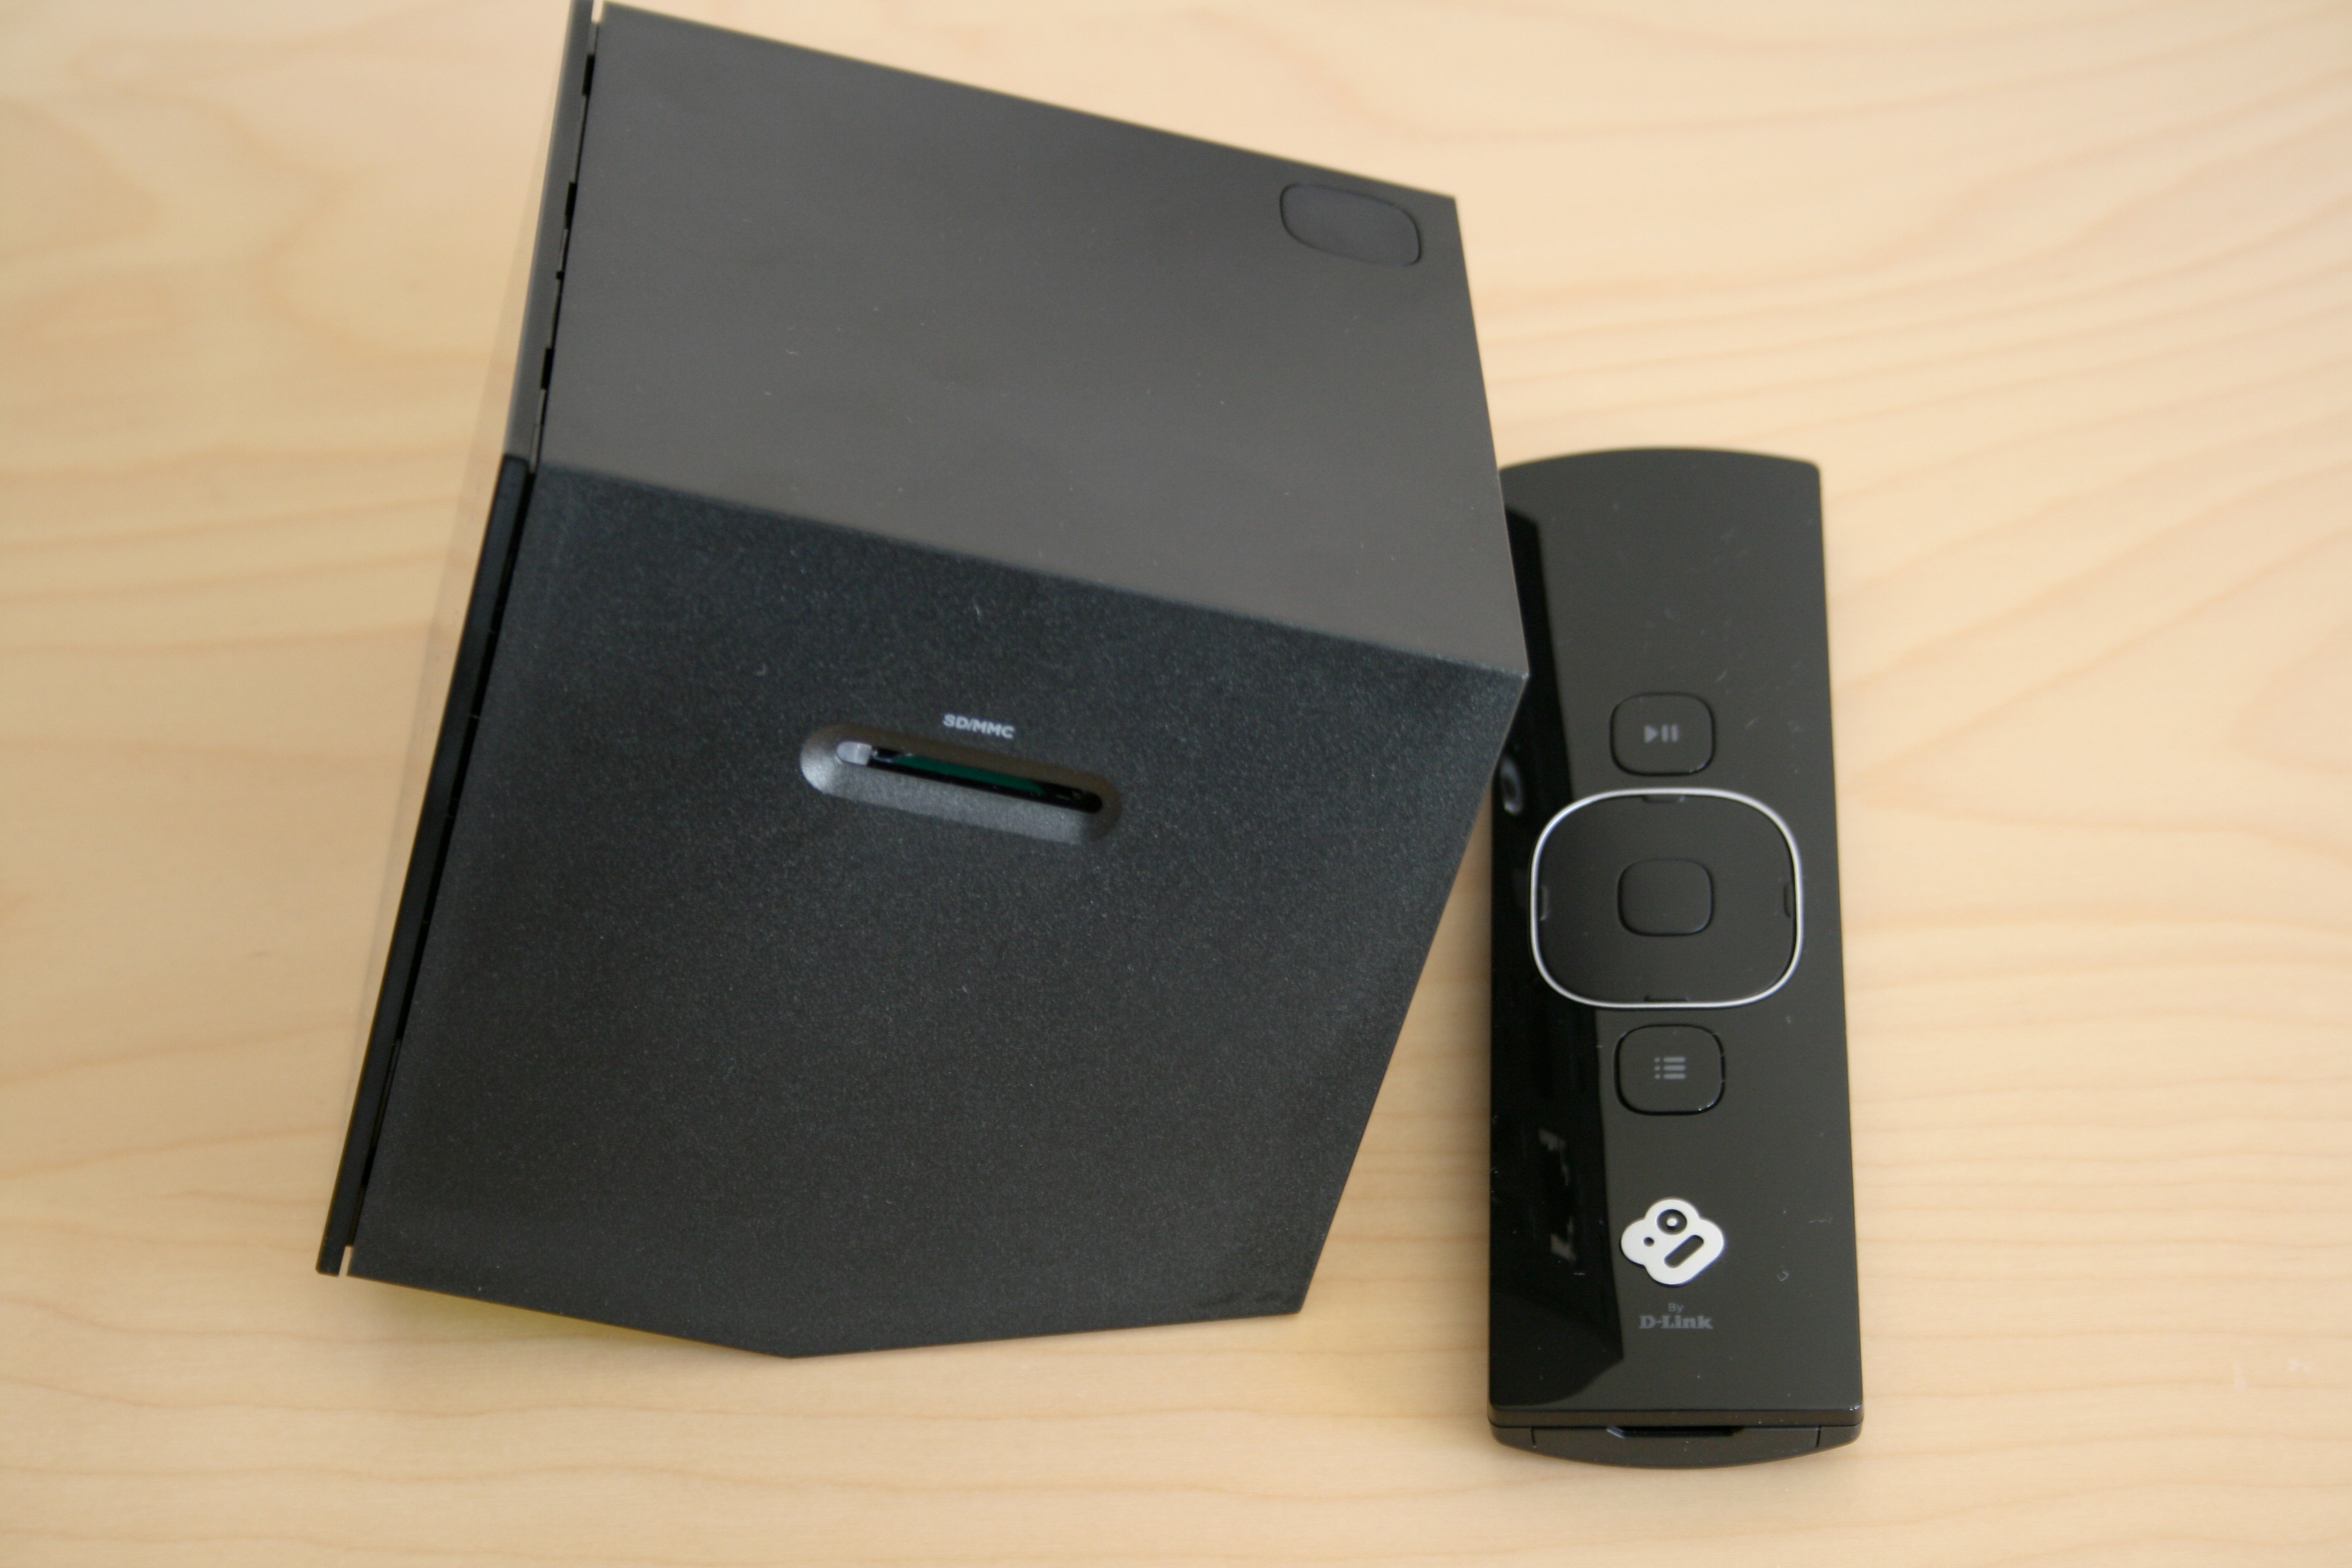 boxee box wikipedia autos post